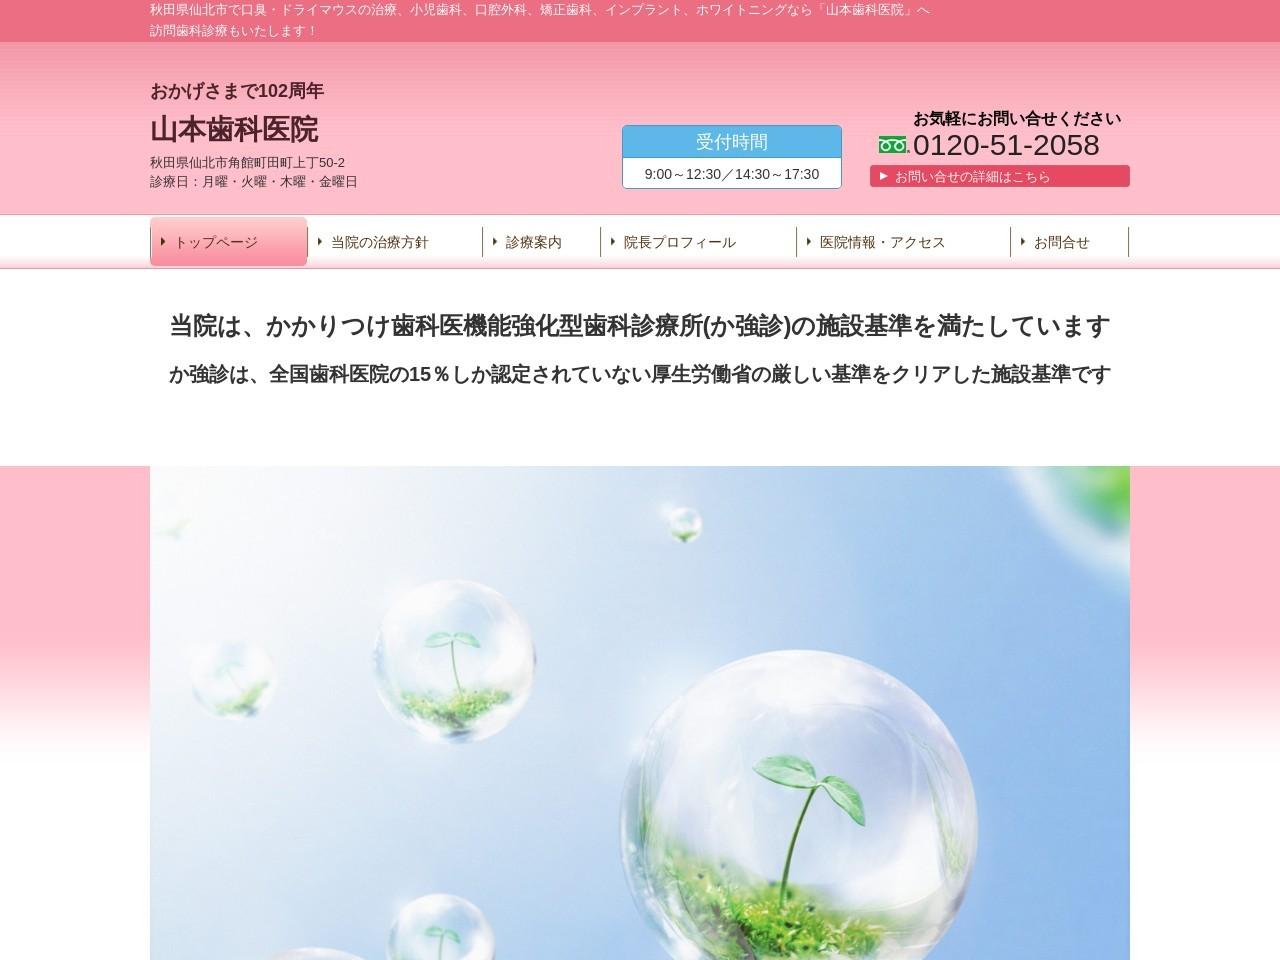 山本歯科医院 (秋田県仙北市)